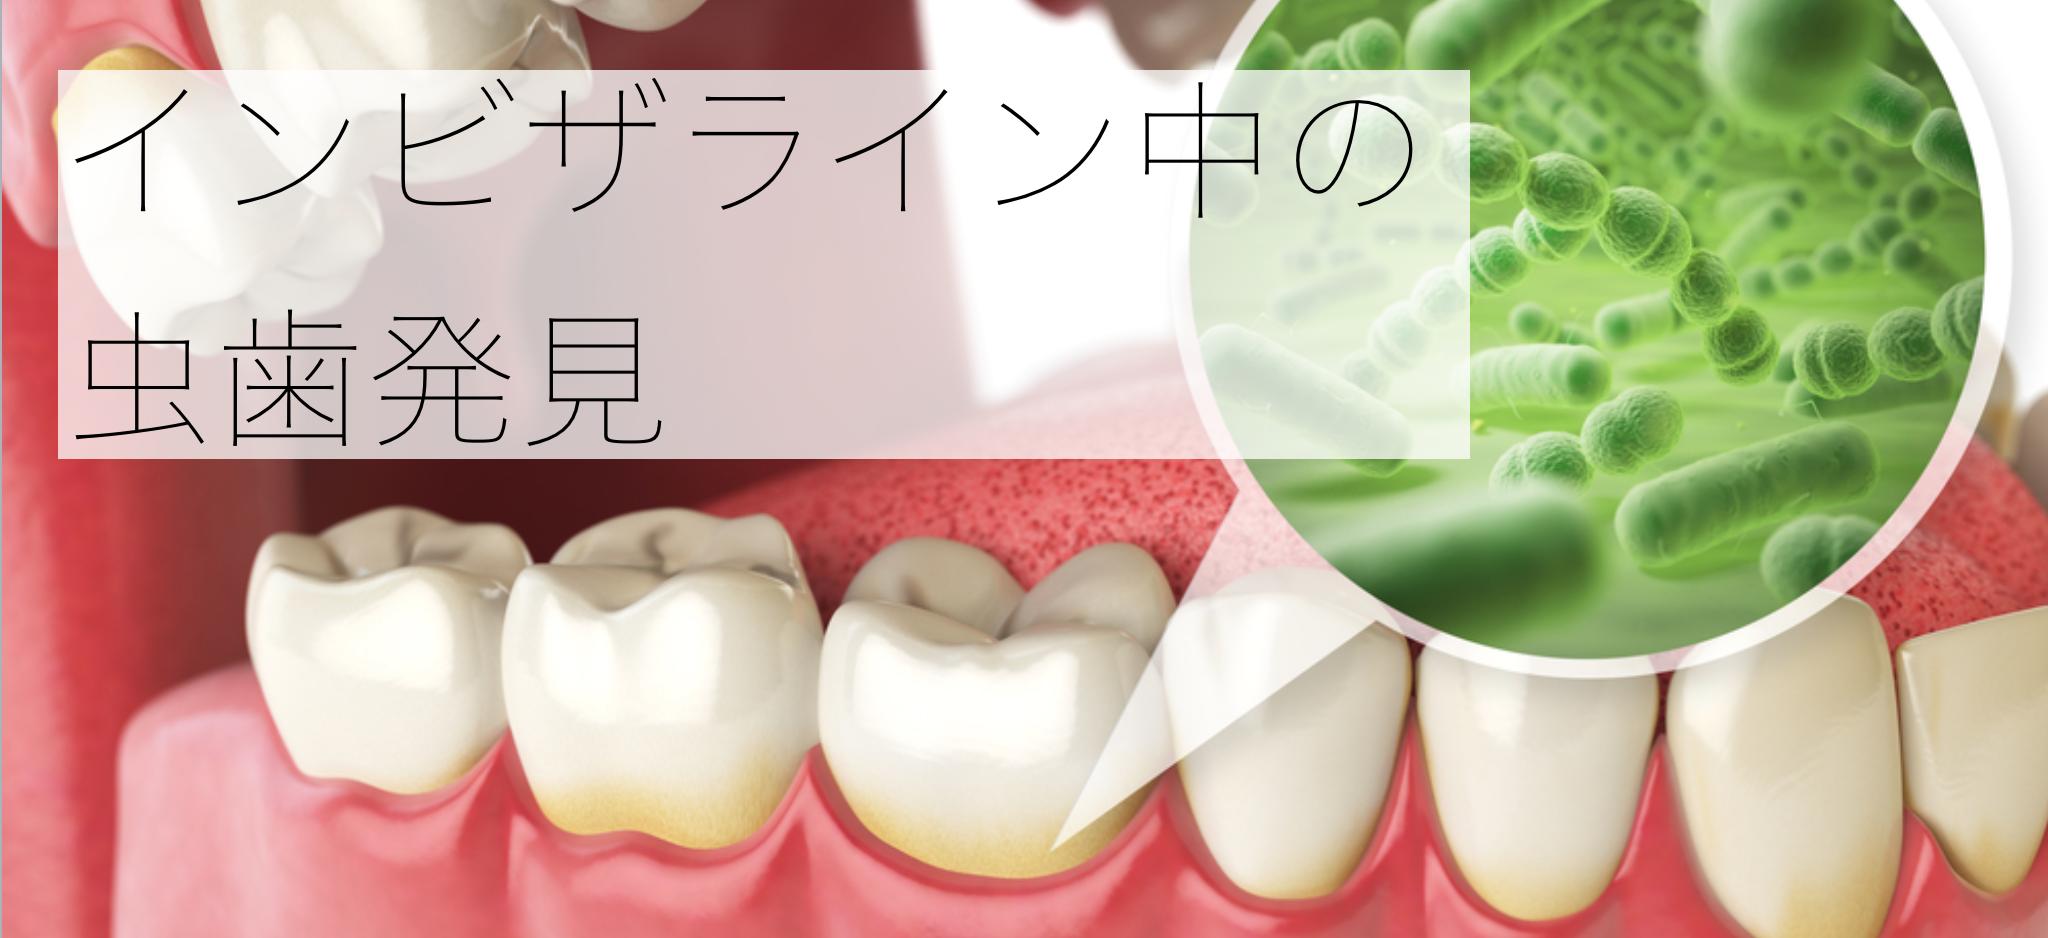 インビザライン  虫歯